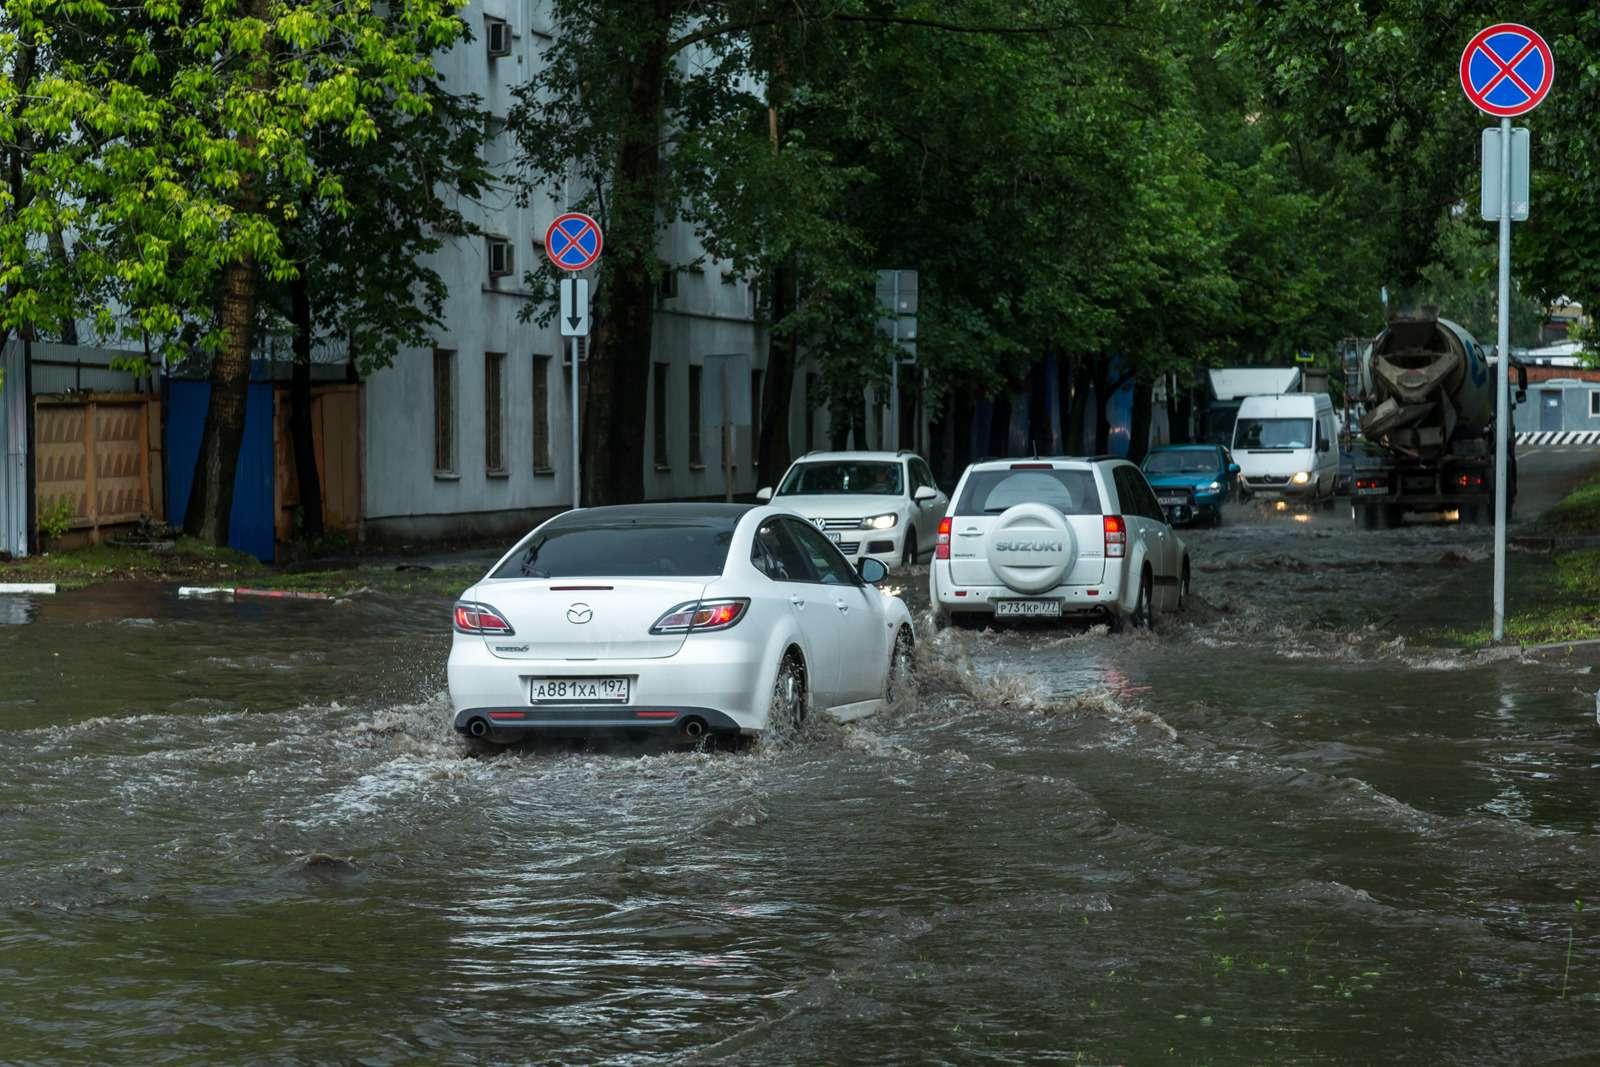 Москву залили дожди, машины поплыли. Фоторепортаж ЗР— фото 770683